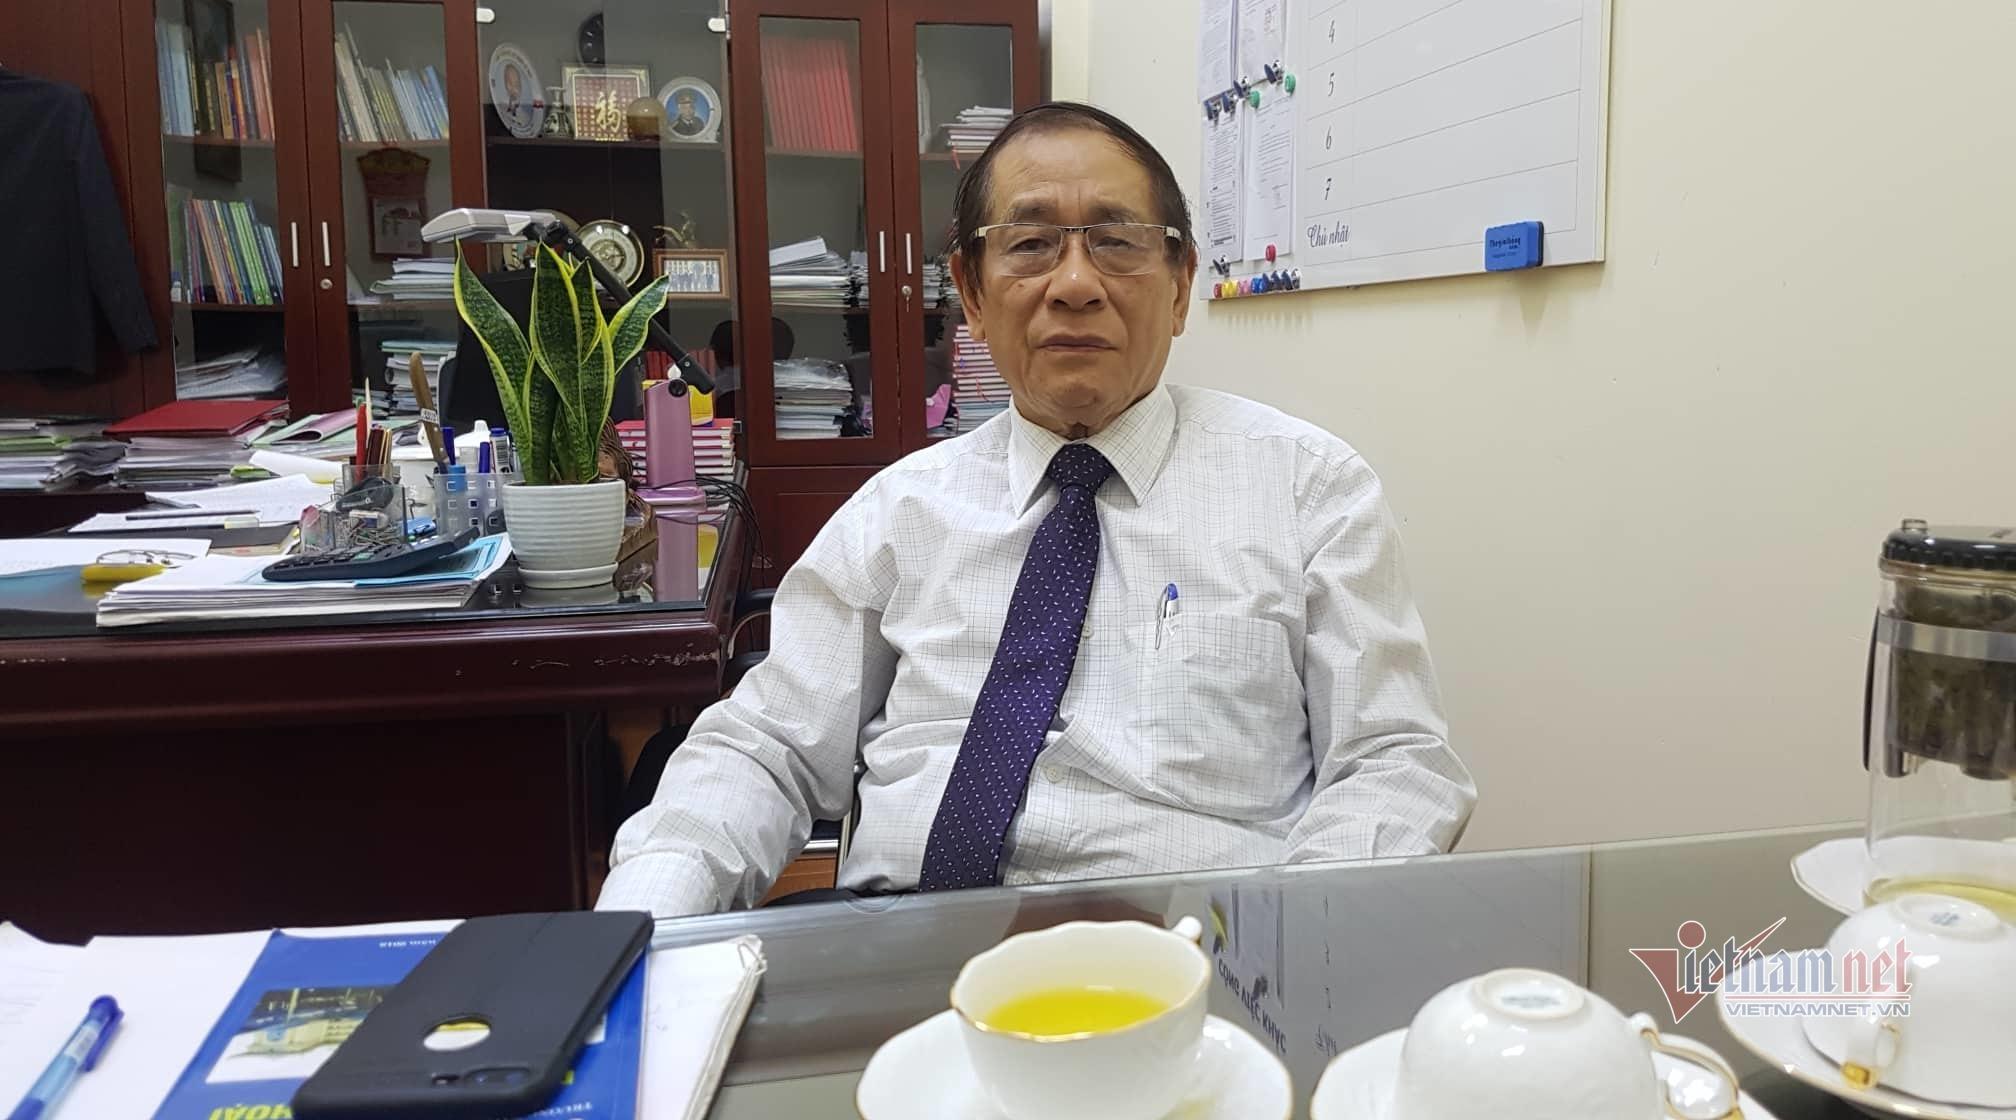 Sự cố giáo trình in 'đường lưỡi bò', trường có nữ giảng viên Trung Quốc